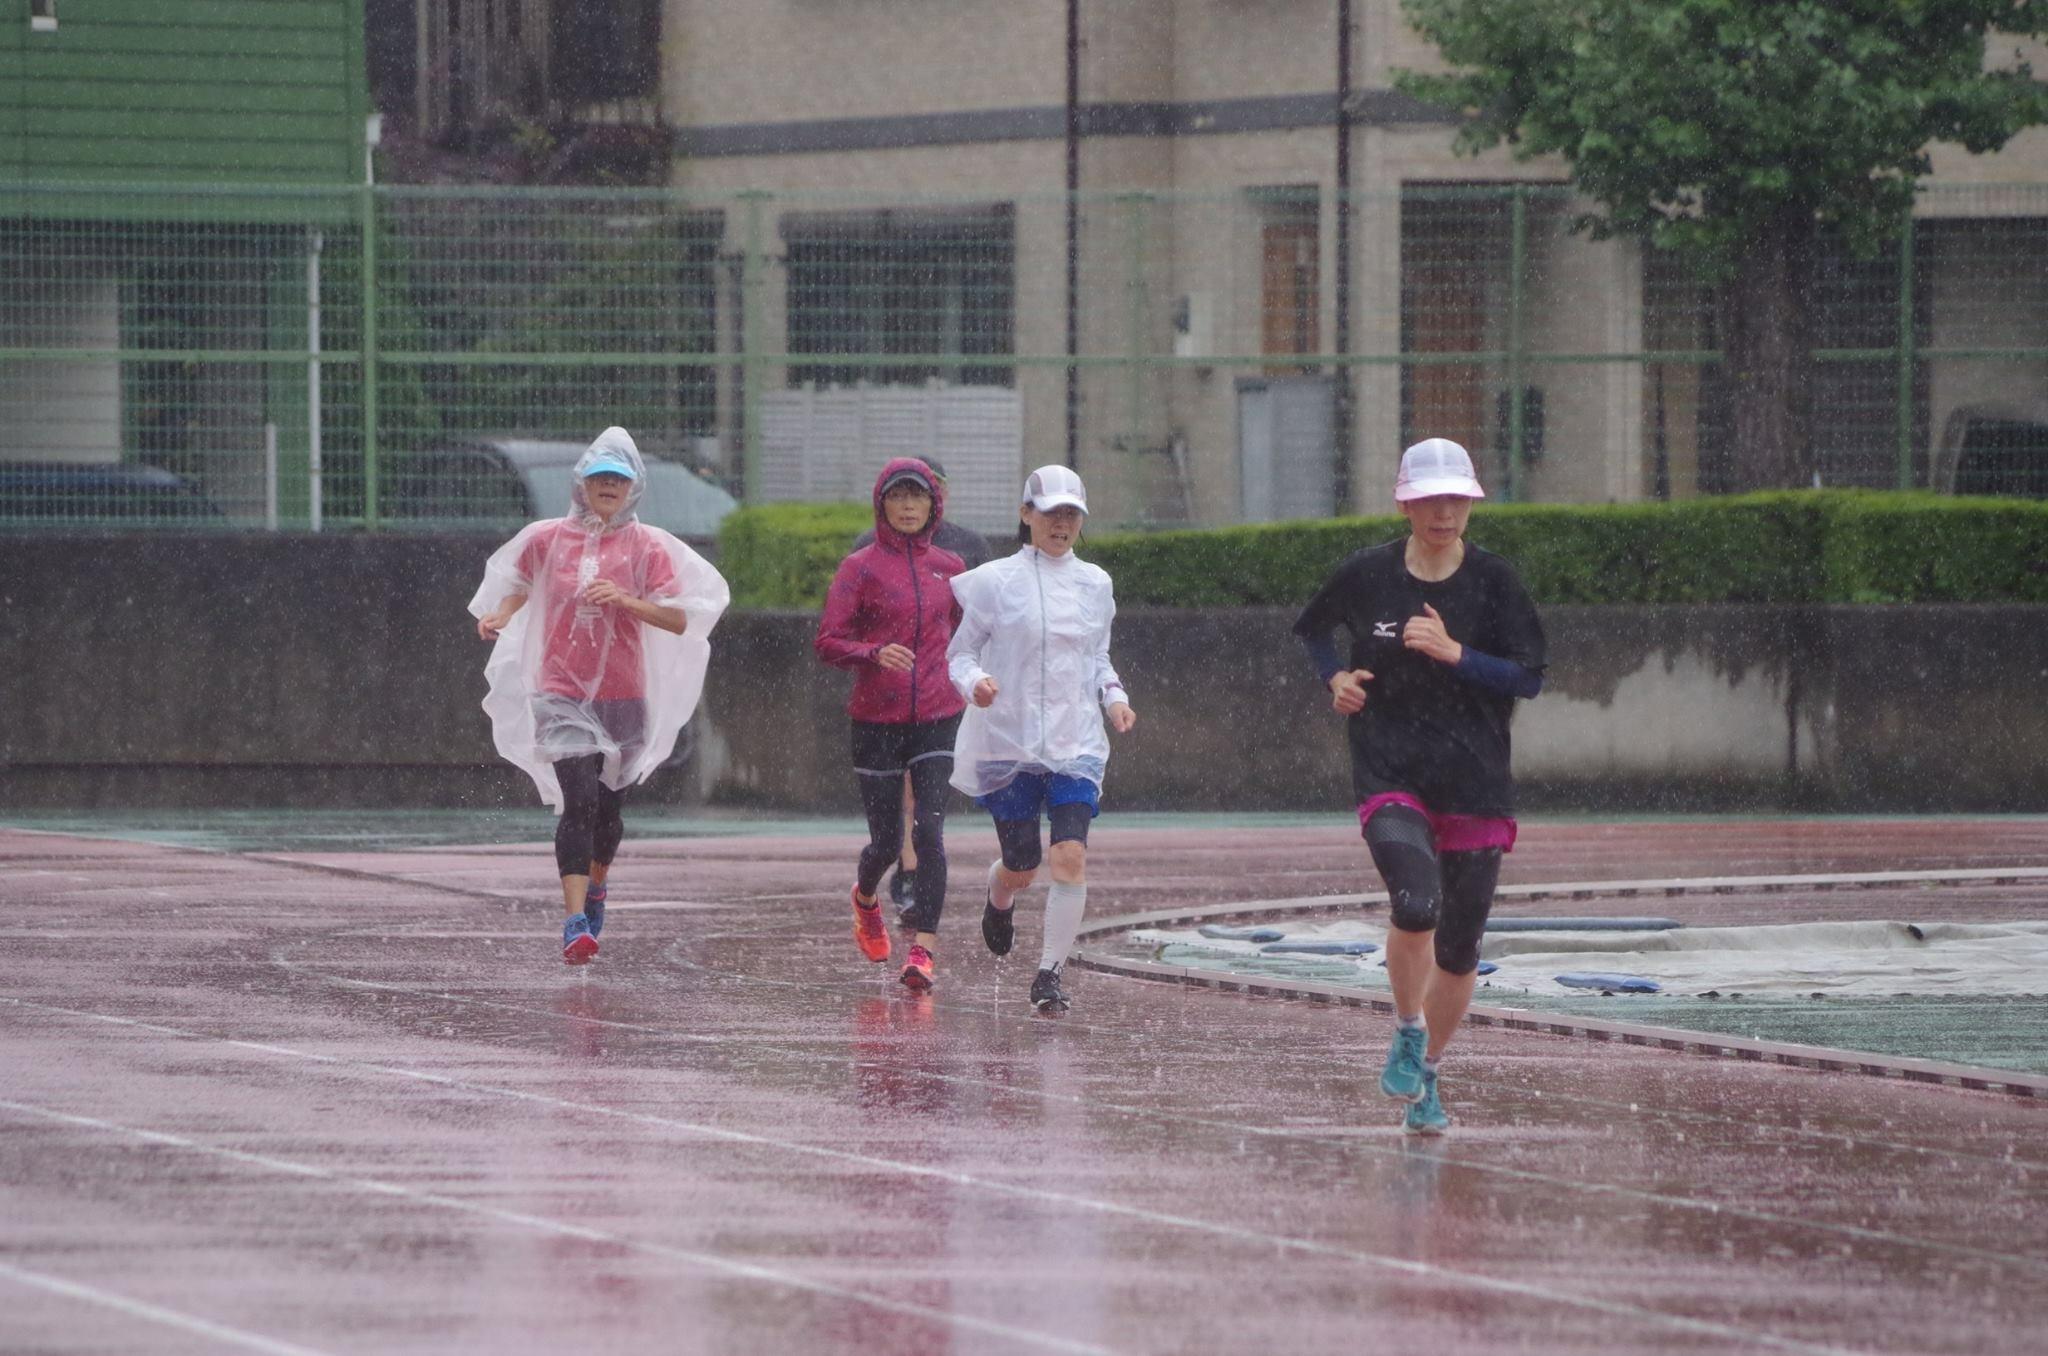 アラ還マラソン練習日記 いくつになっても筋肉はつく!と感じた20キロ走